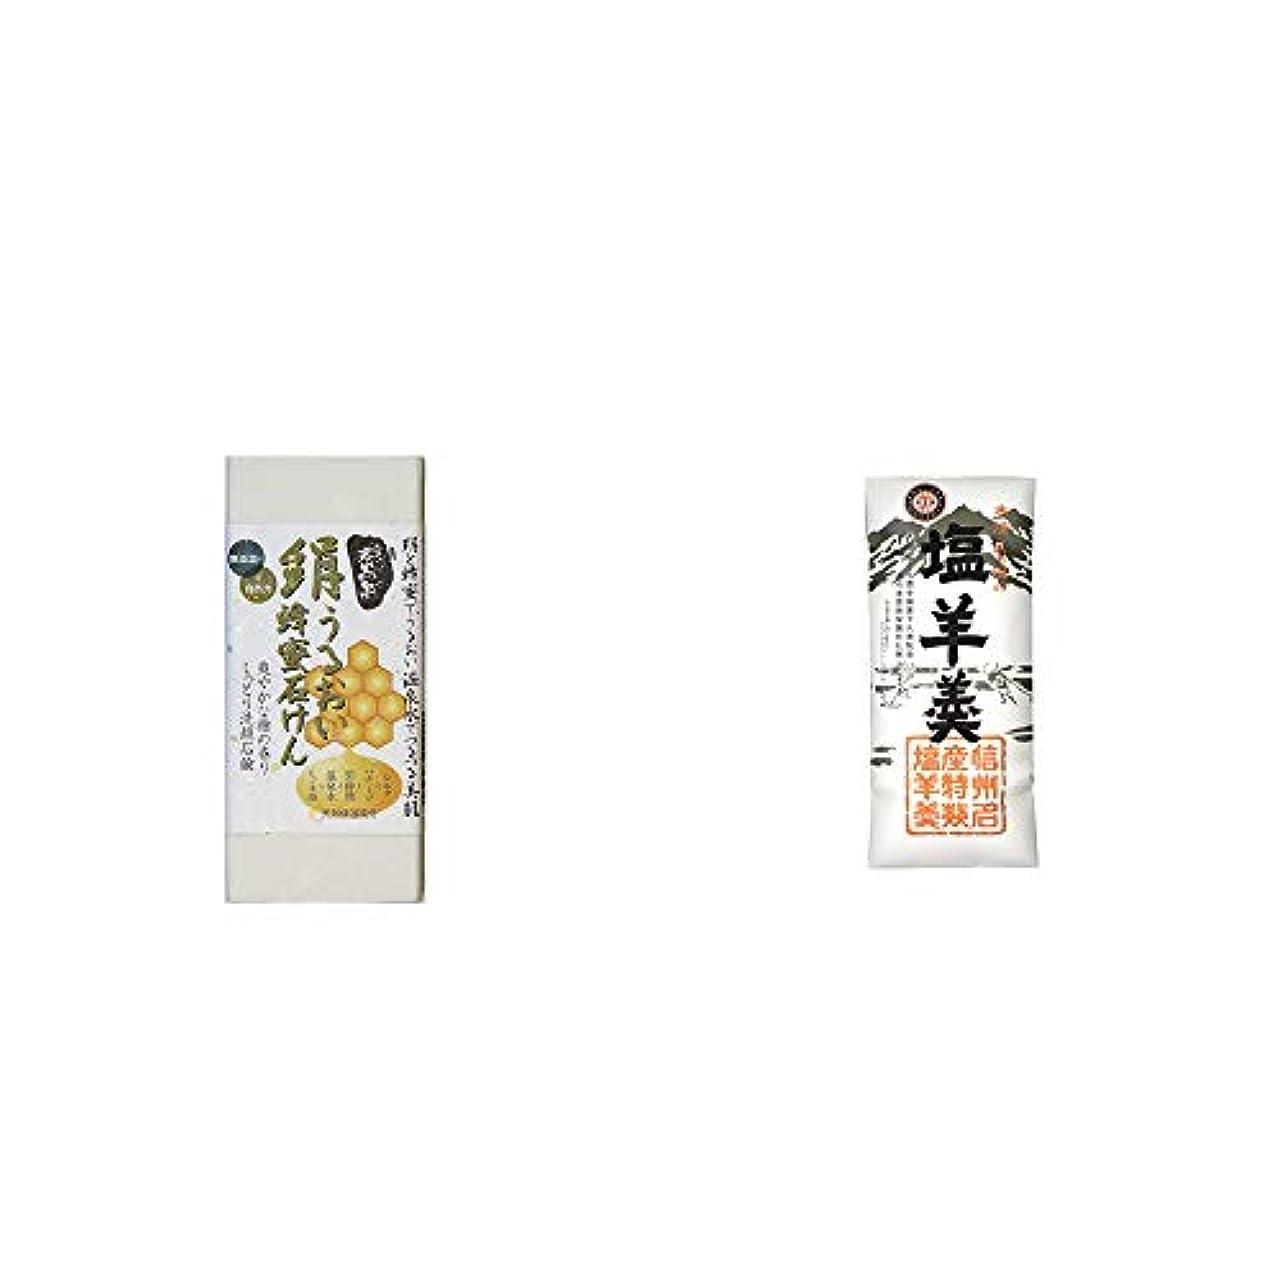 薬理学クレデンシャル第二[2点セット] ひのき炭黒泉 絹うるおい蜂蜜石けん(75g×2)?栗田の塩羊羹(160g)